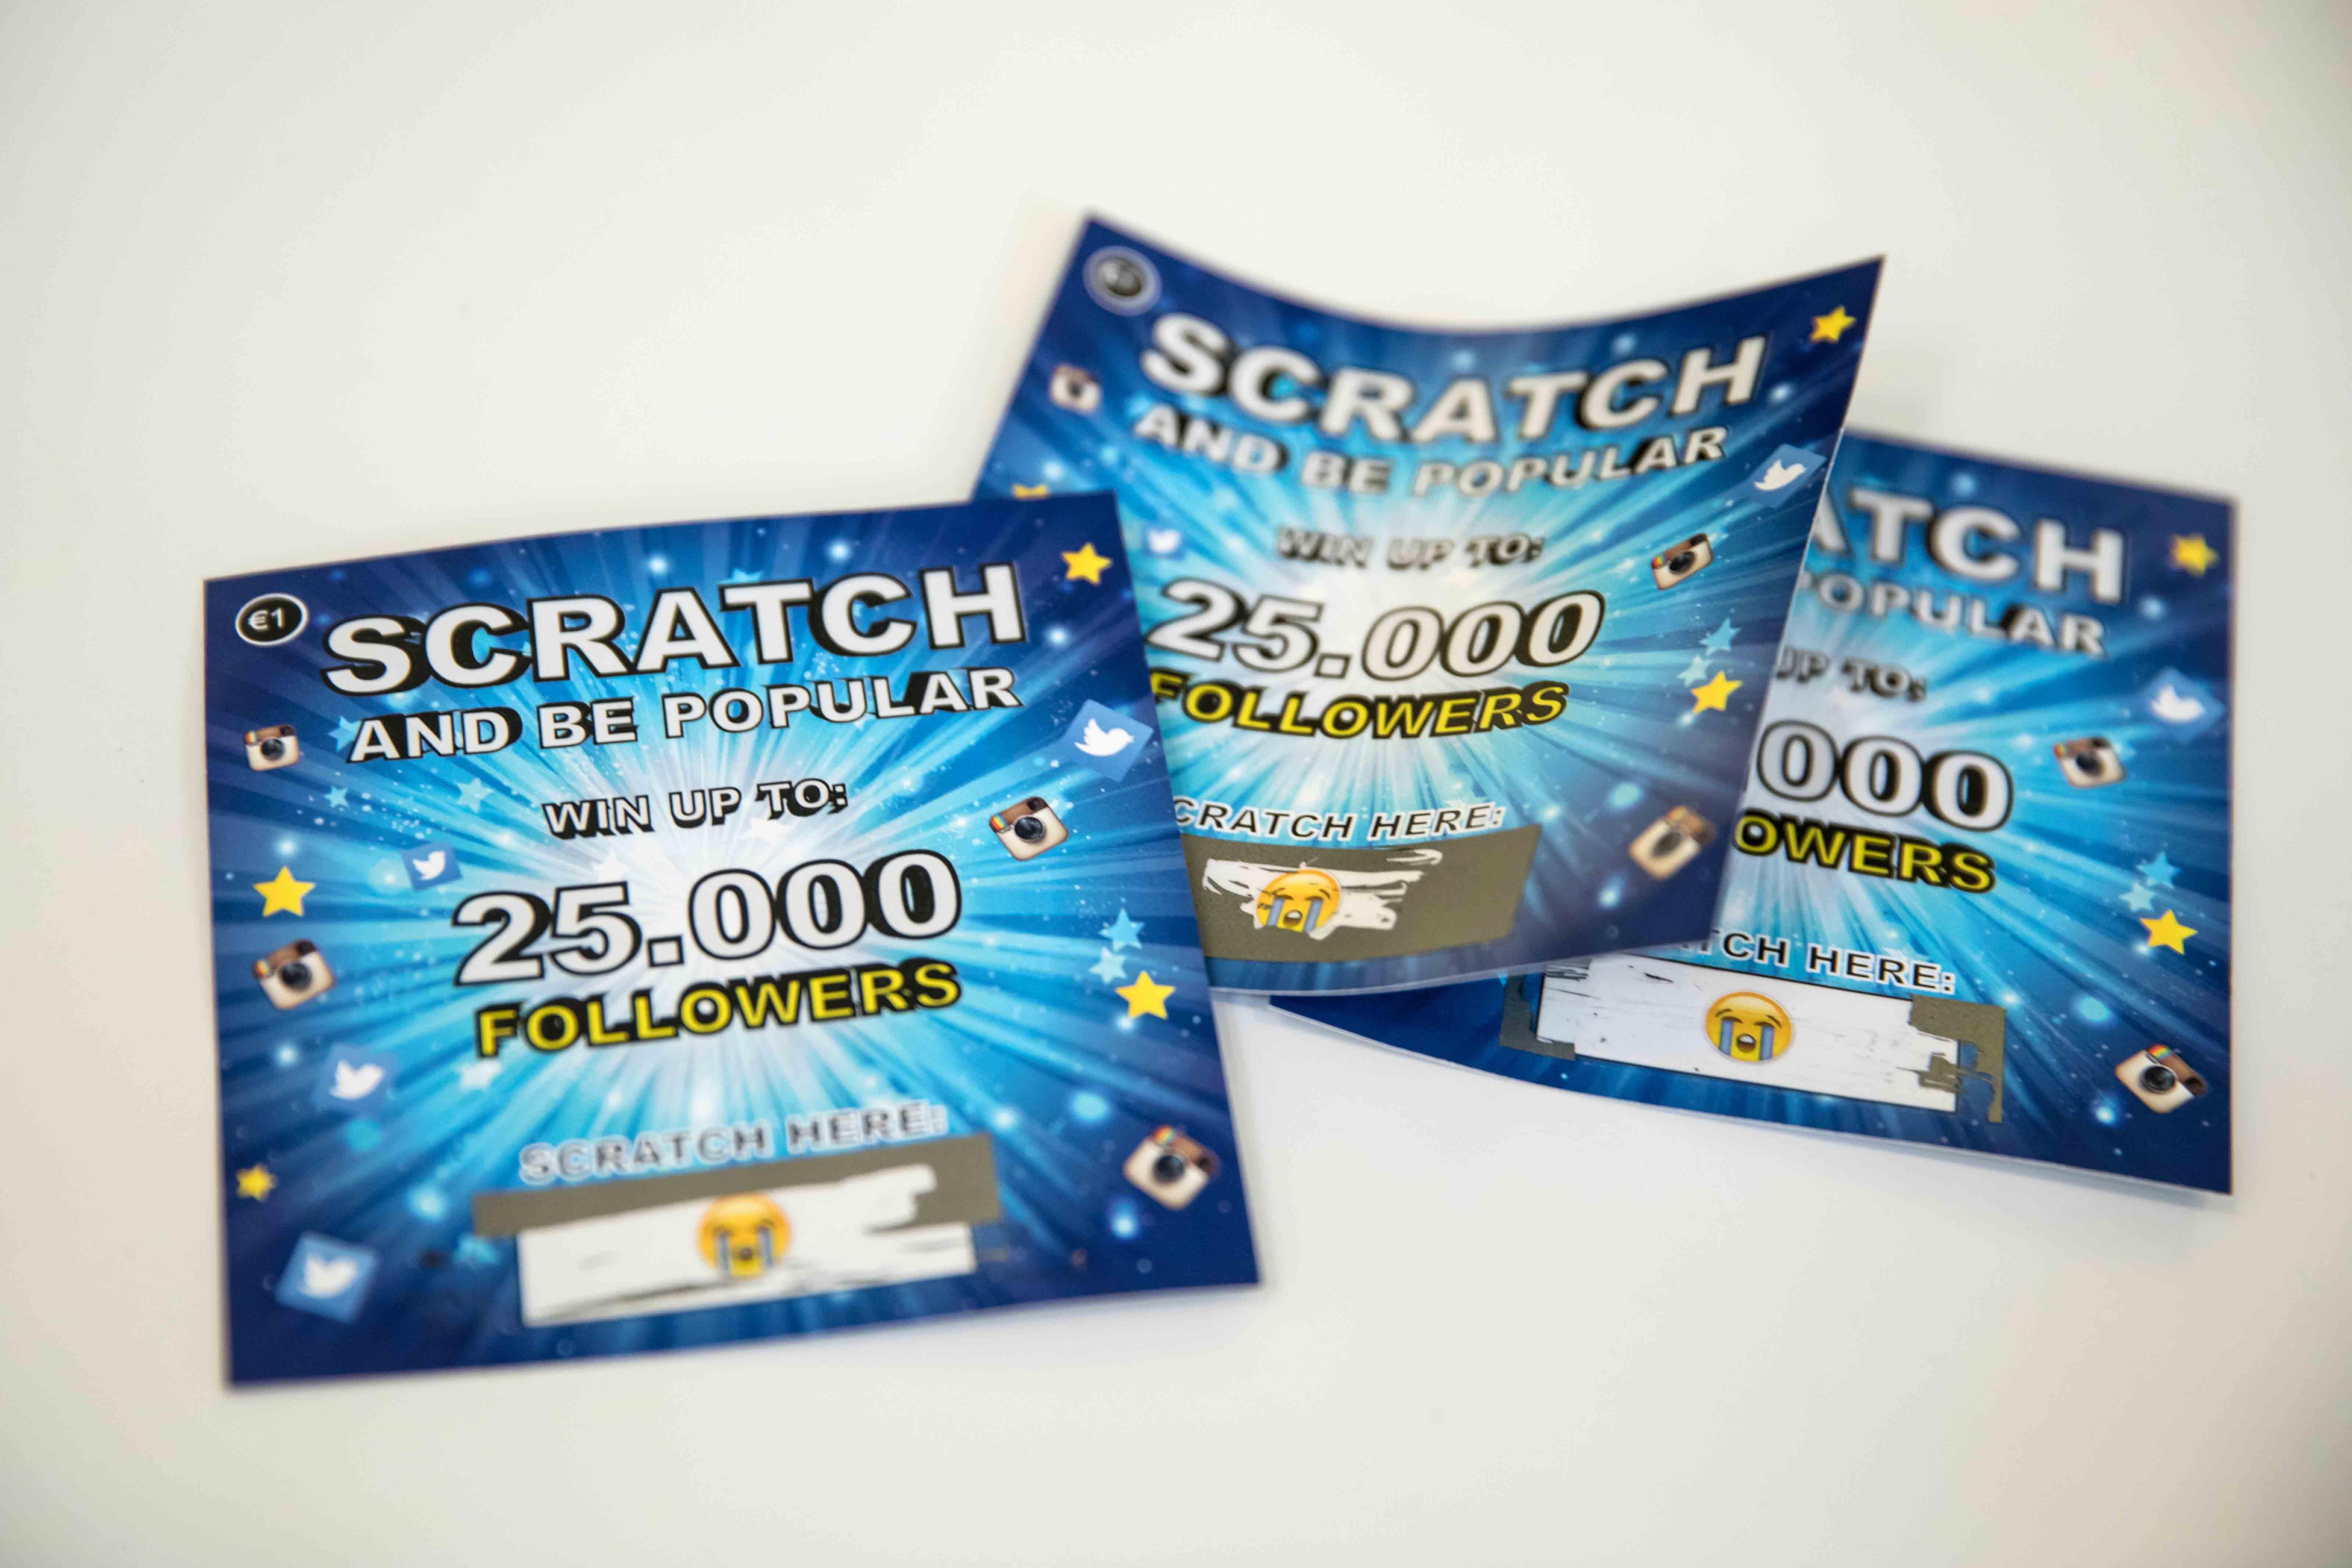 scratch-dries-depoorter-02